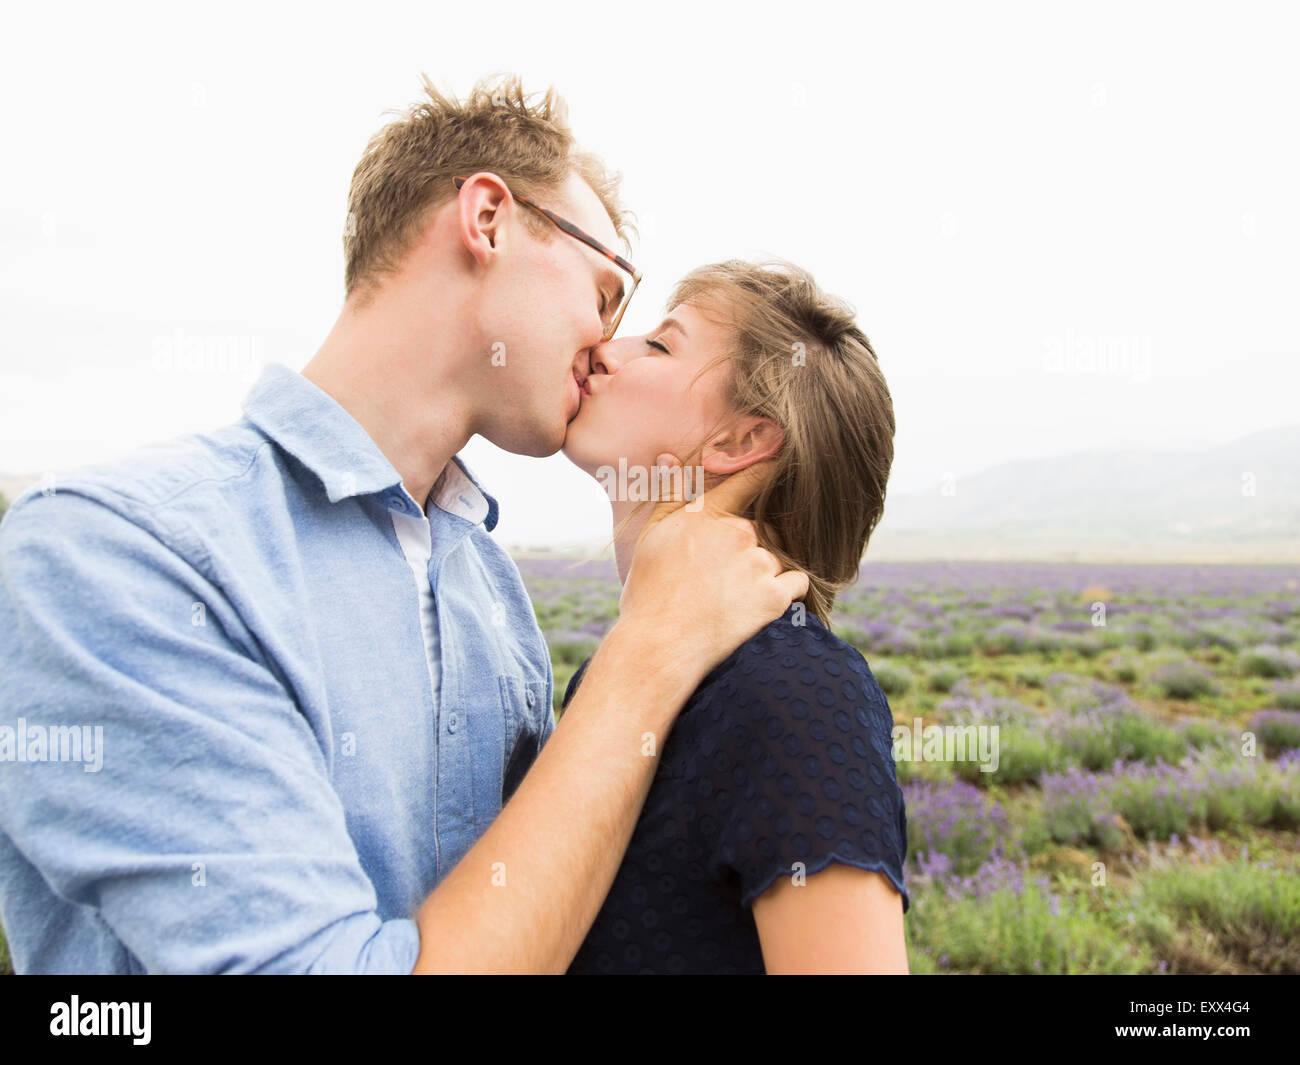 Coppia giovane baciare con campo sullo sfondo Immagini Stock